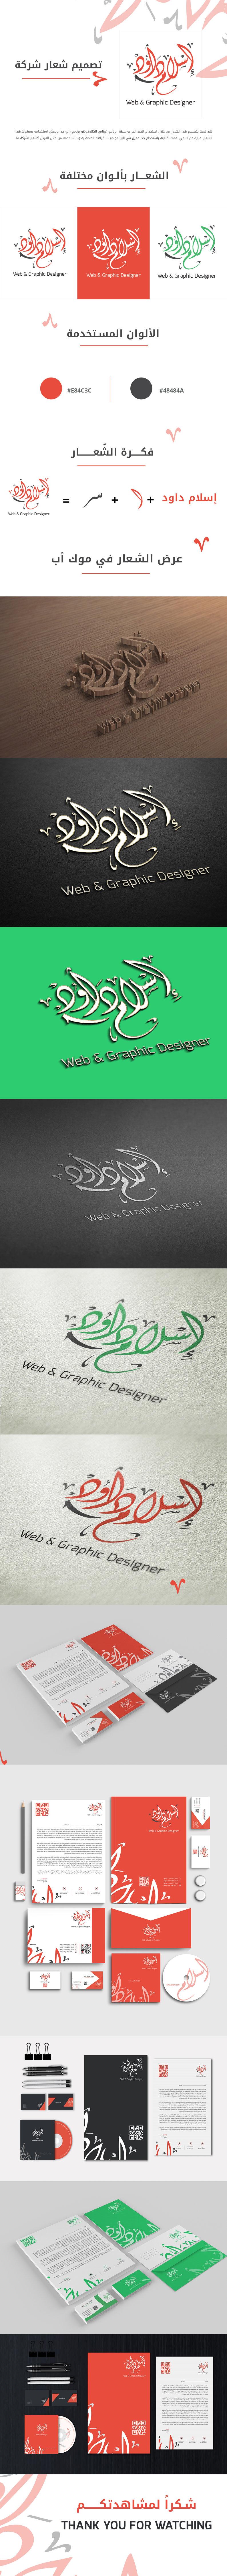 تصميم شعار باسمي باللغة العربية مع الهوية كاملة